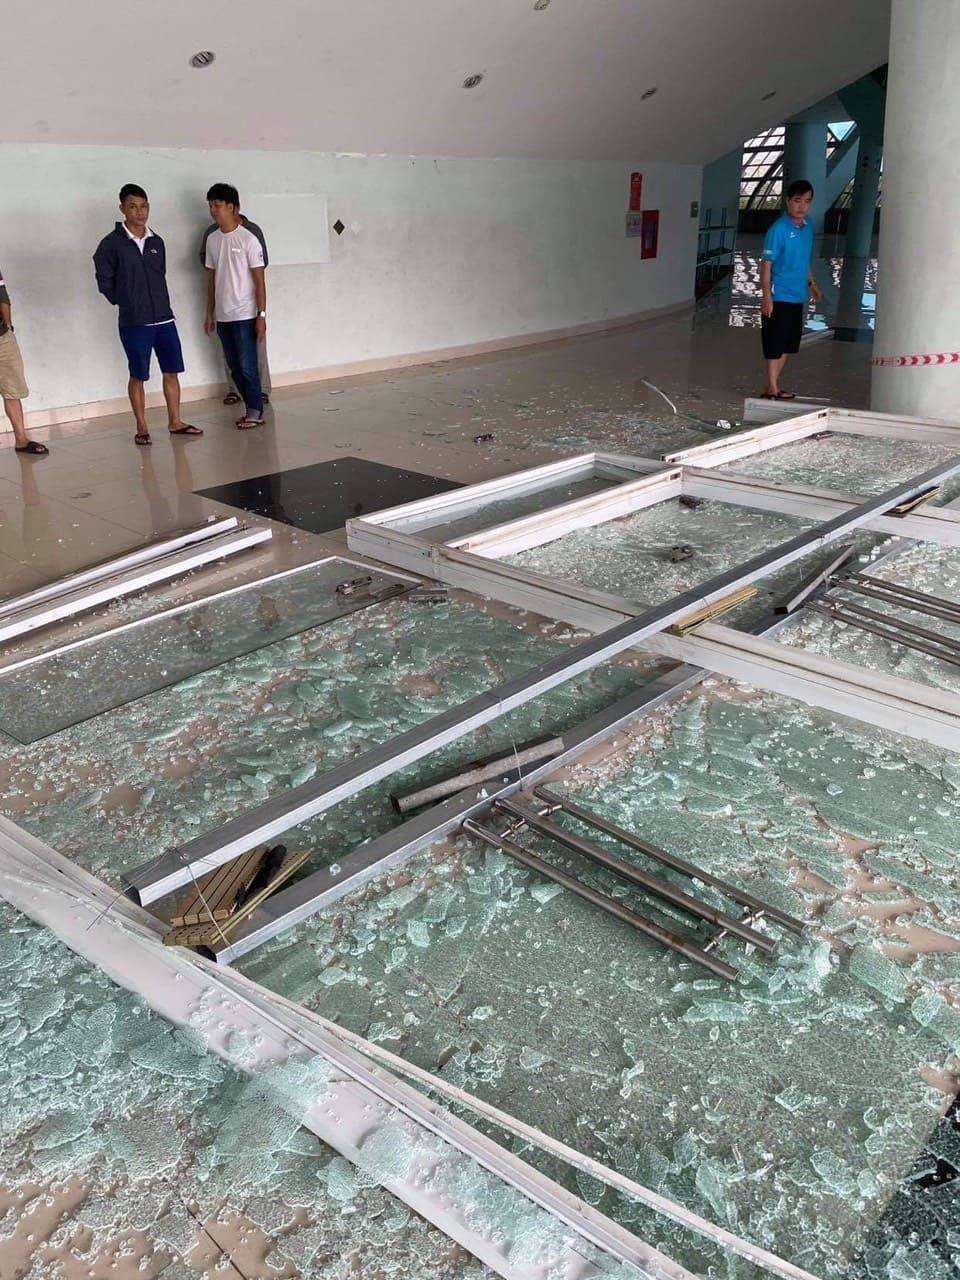 Cung thể thao Tiên Sơn, nơi xây dựng bệnh viện dã chiến chữa COVID-19 bị gió bão giật sập các cửa kính